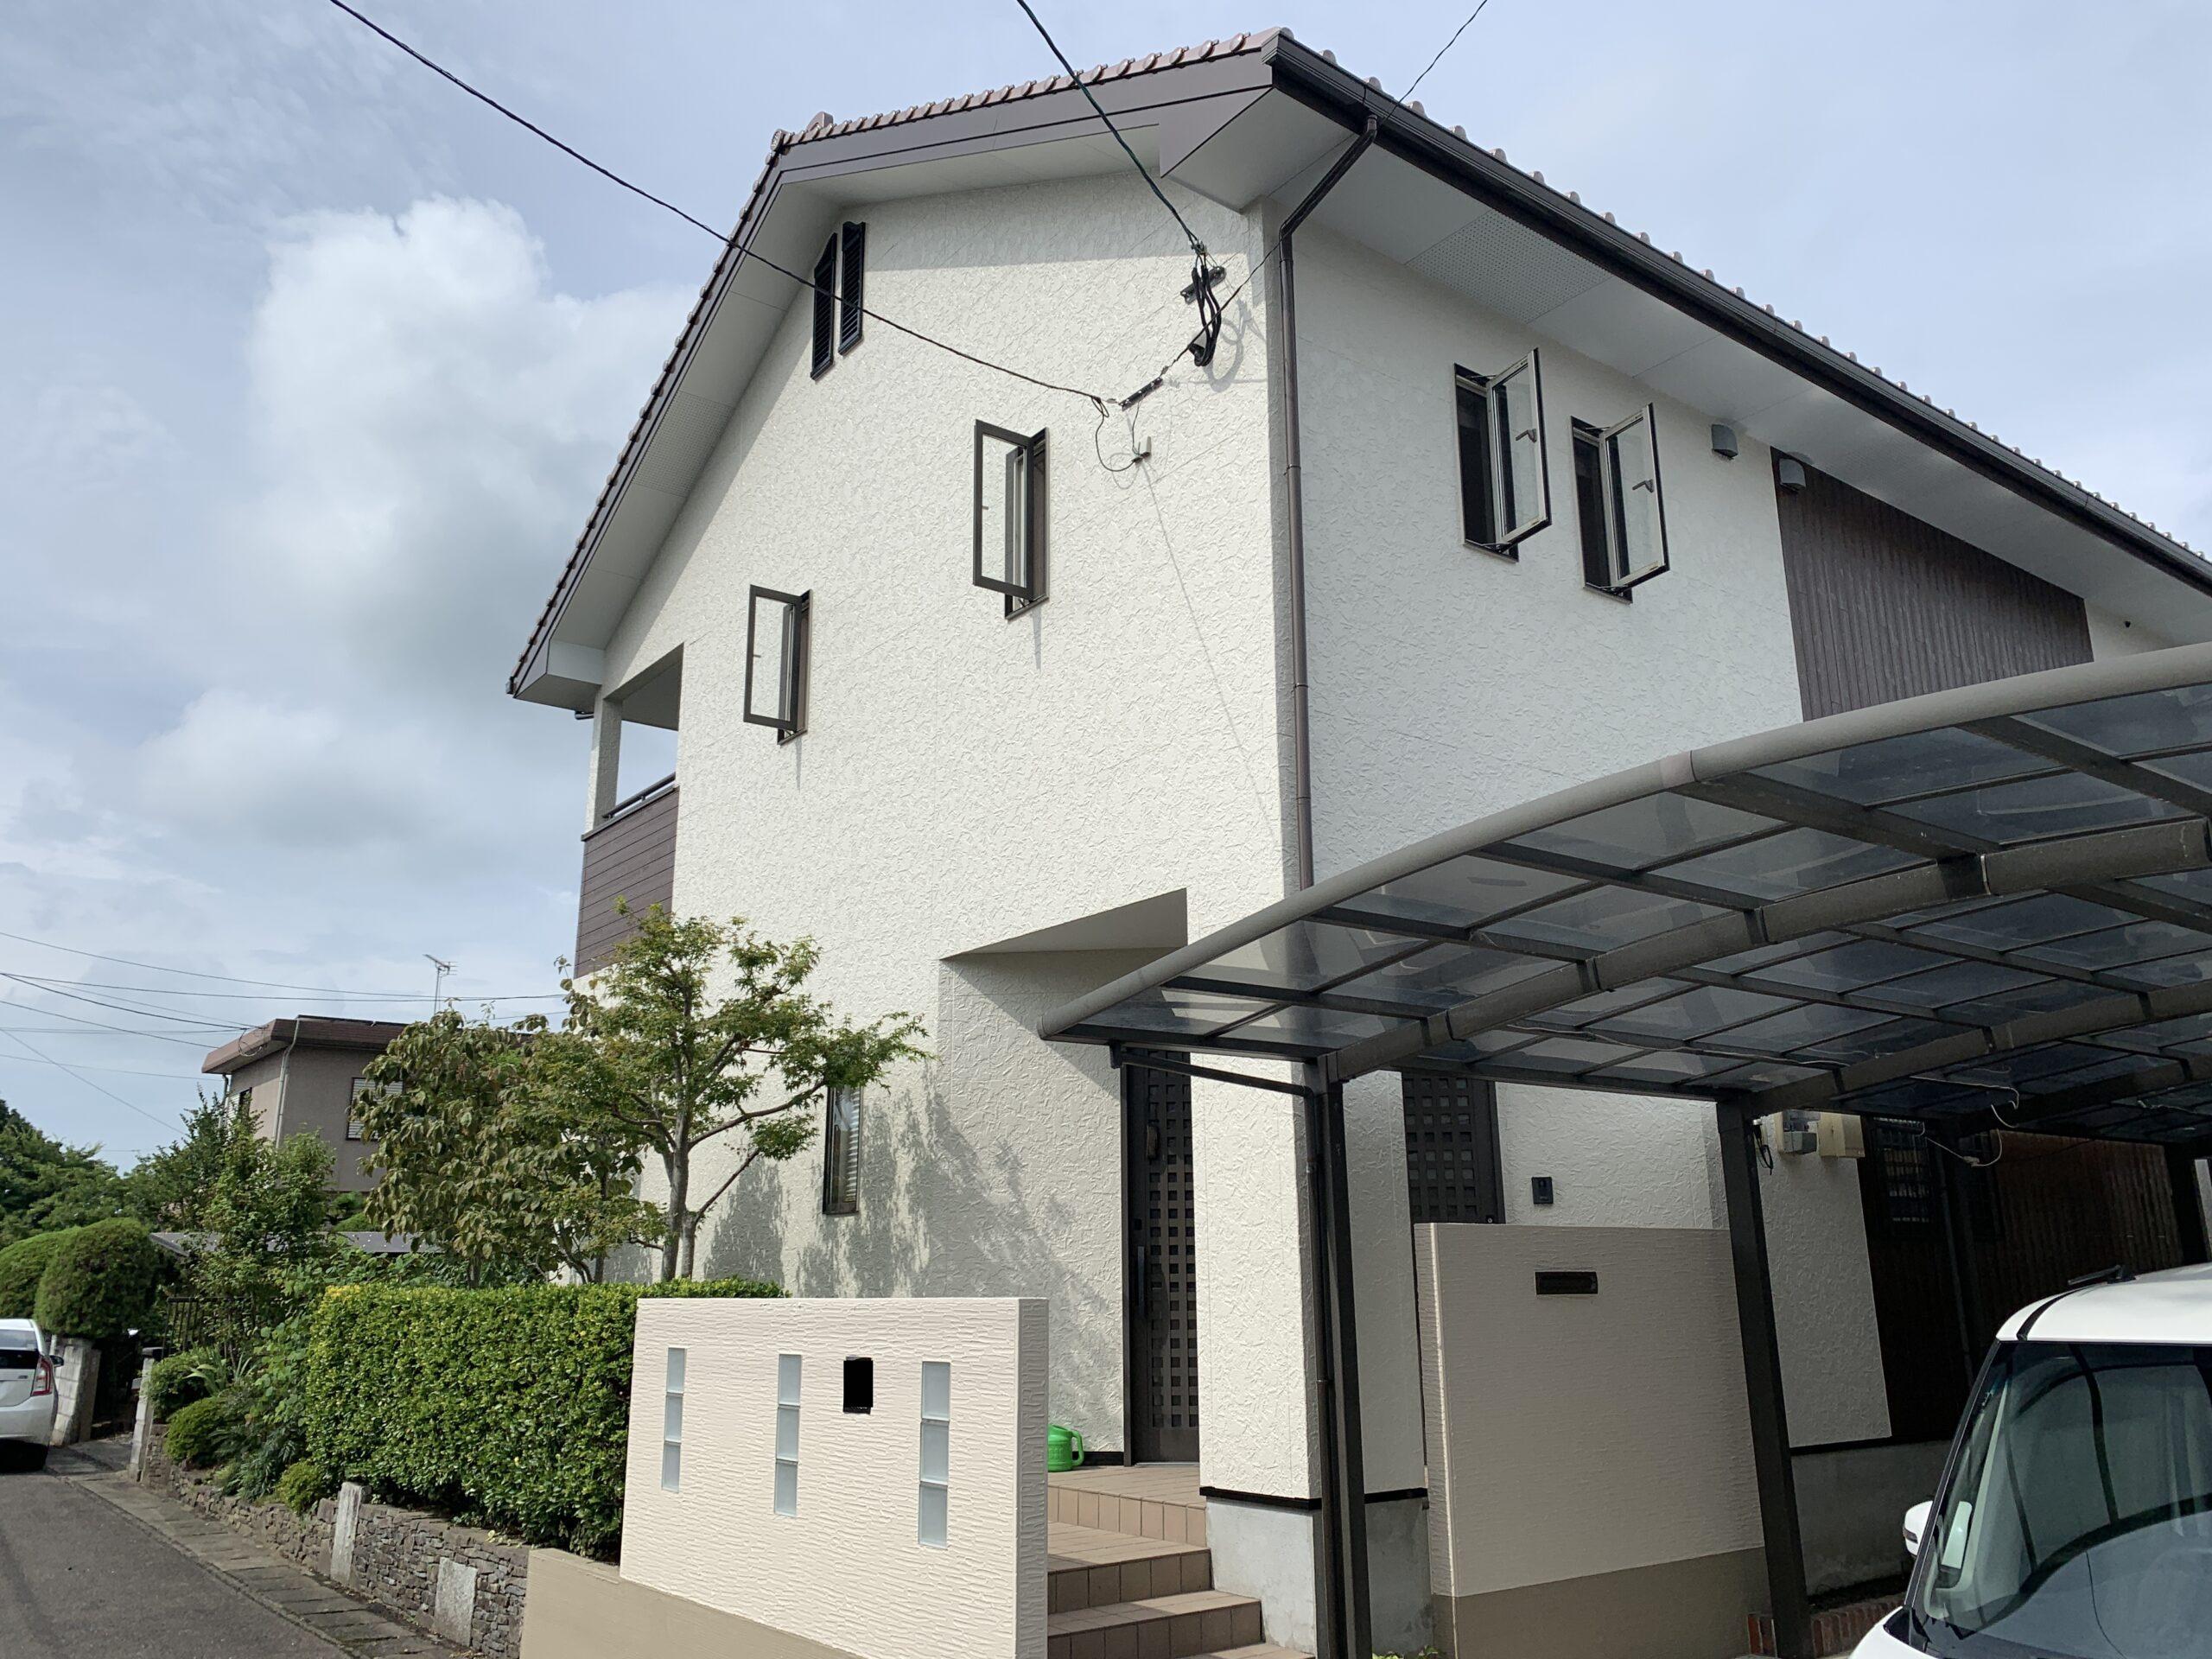 佐賀市 塗るばい サニー建設商事 サニケン さにけん 施工日記 外壁塗装 外壁 塗装